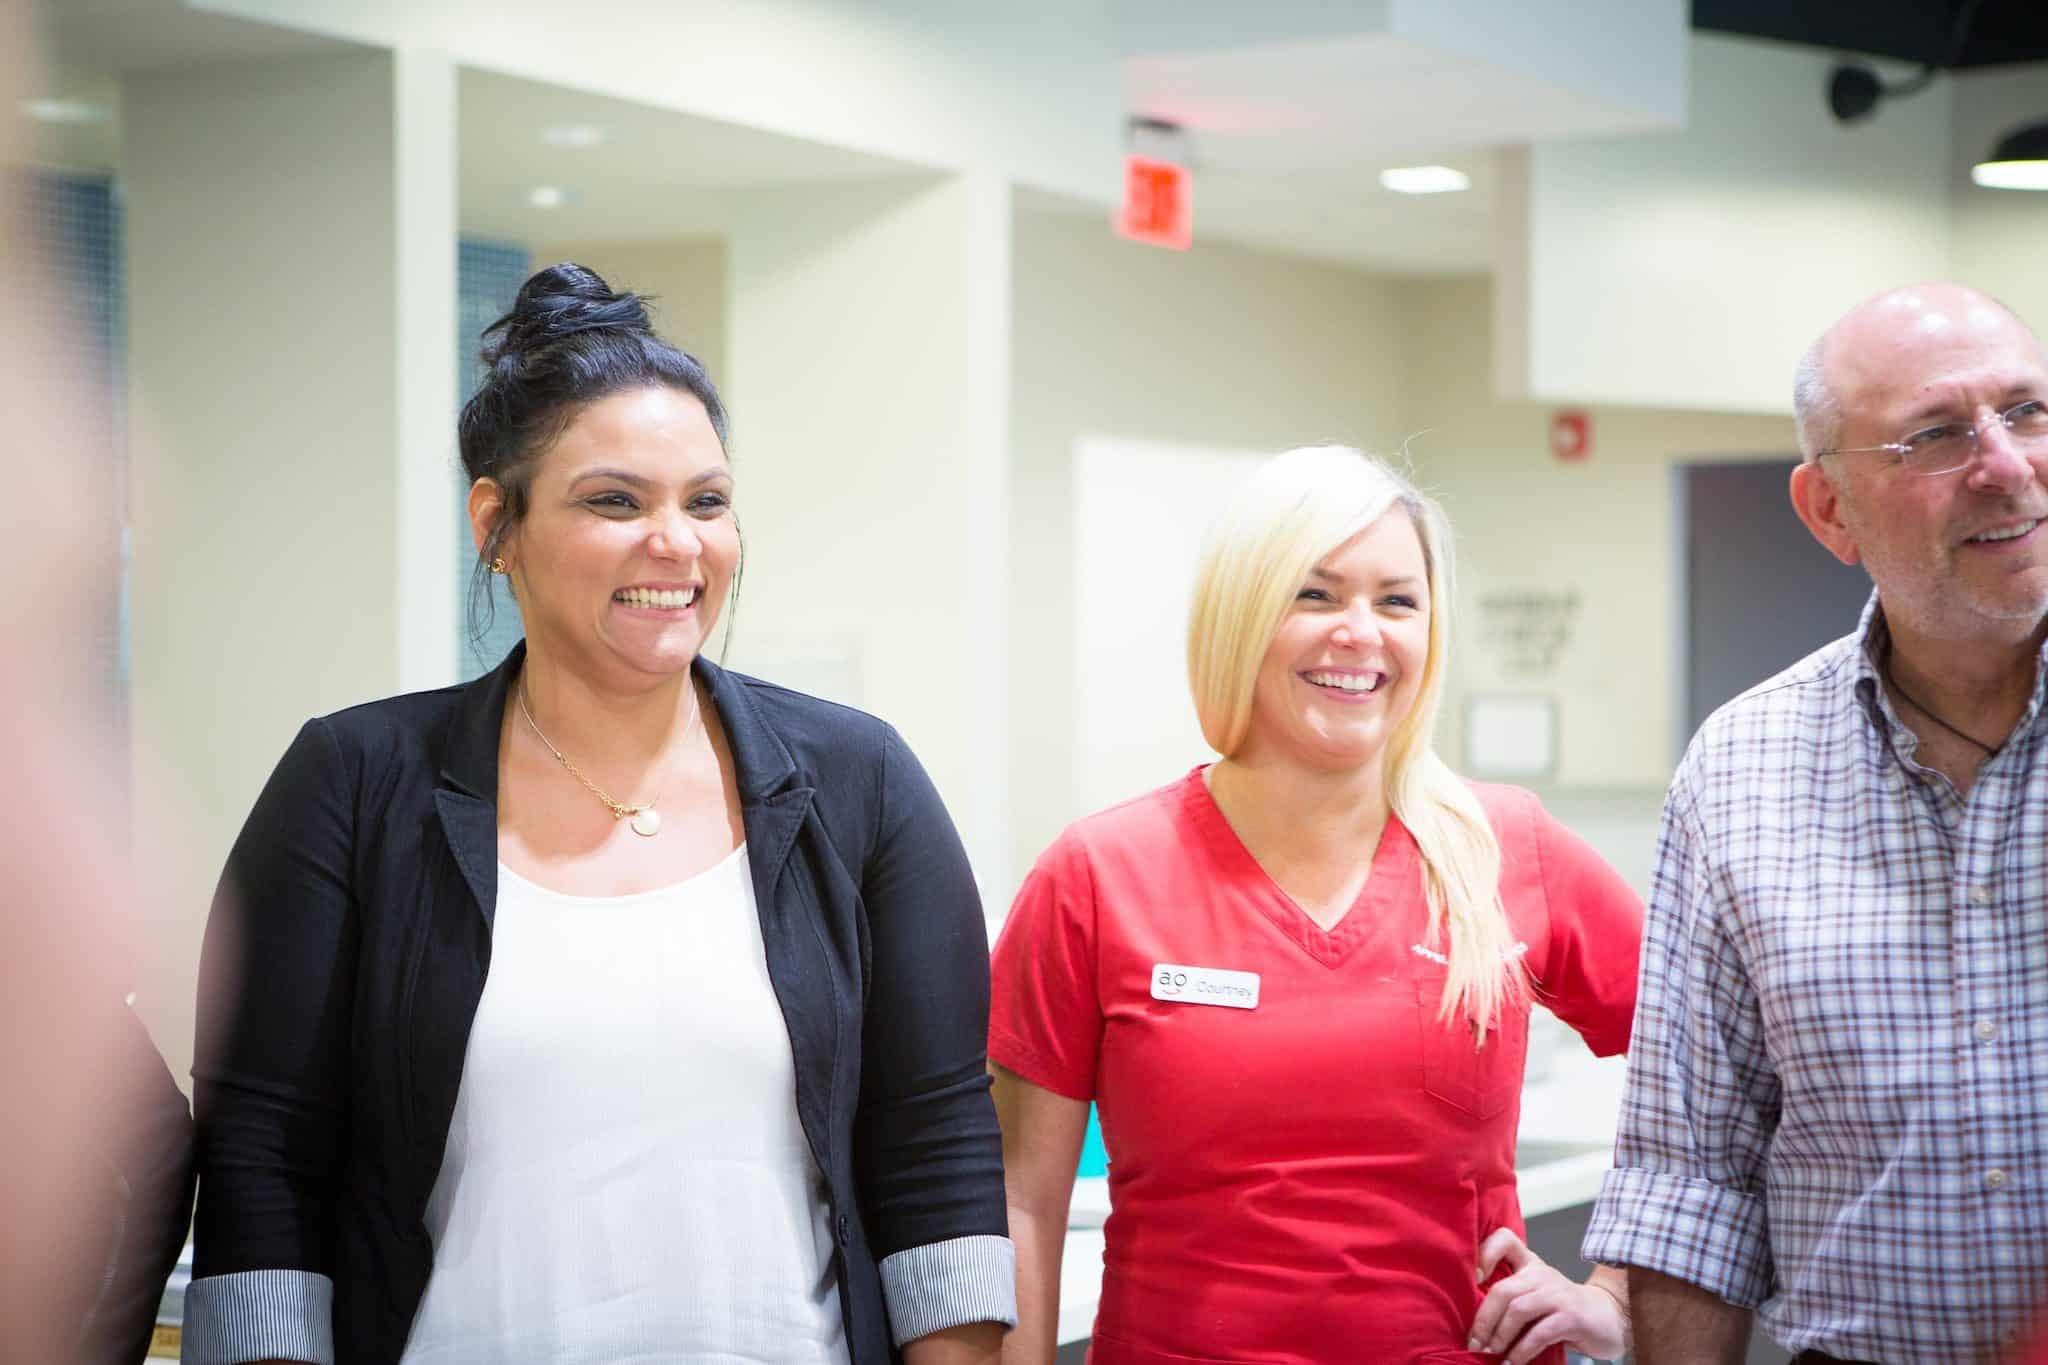 Appel Orthodontics Philadelphia Orthodontics Dr. Appel 71 of 82 2048x1365 - Happy Birthday, Courtney!